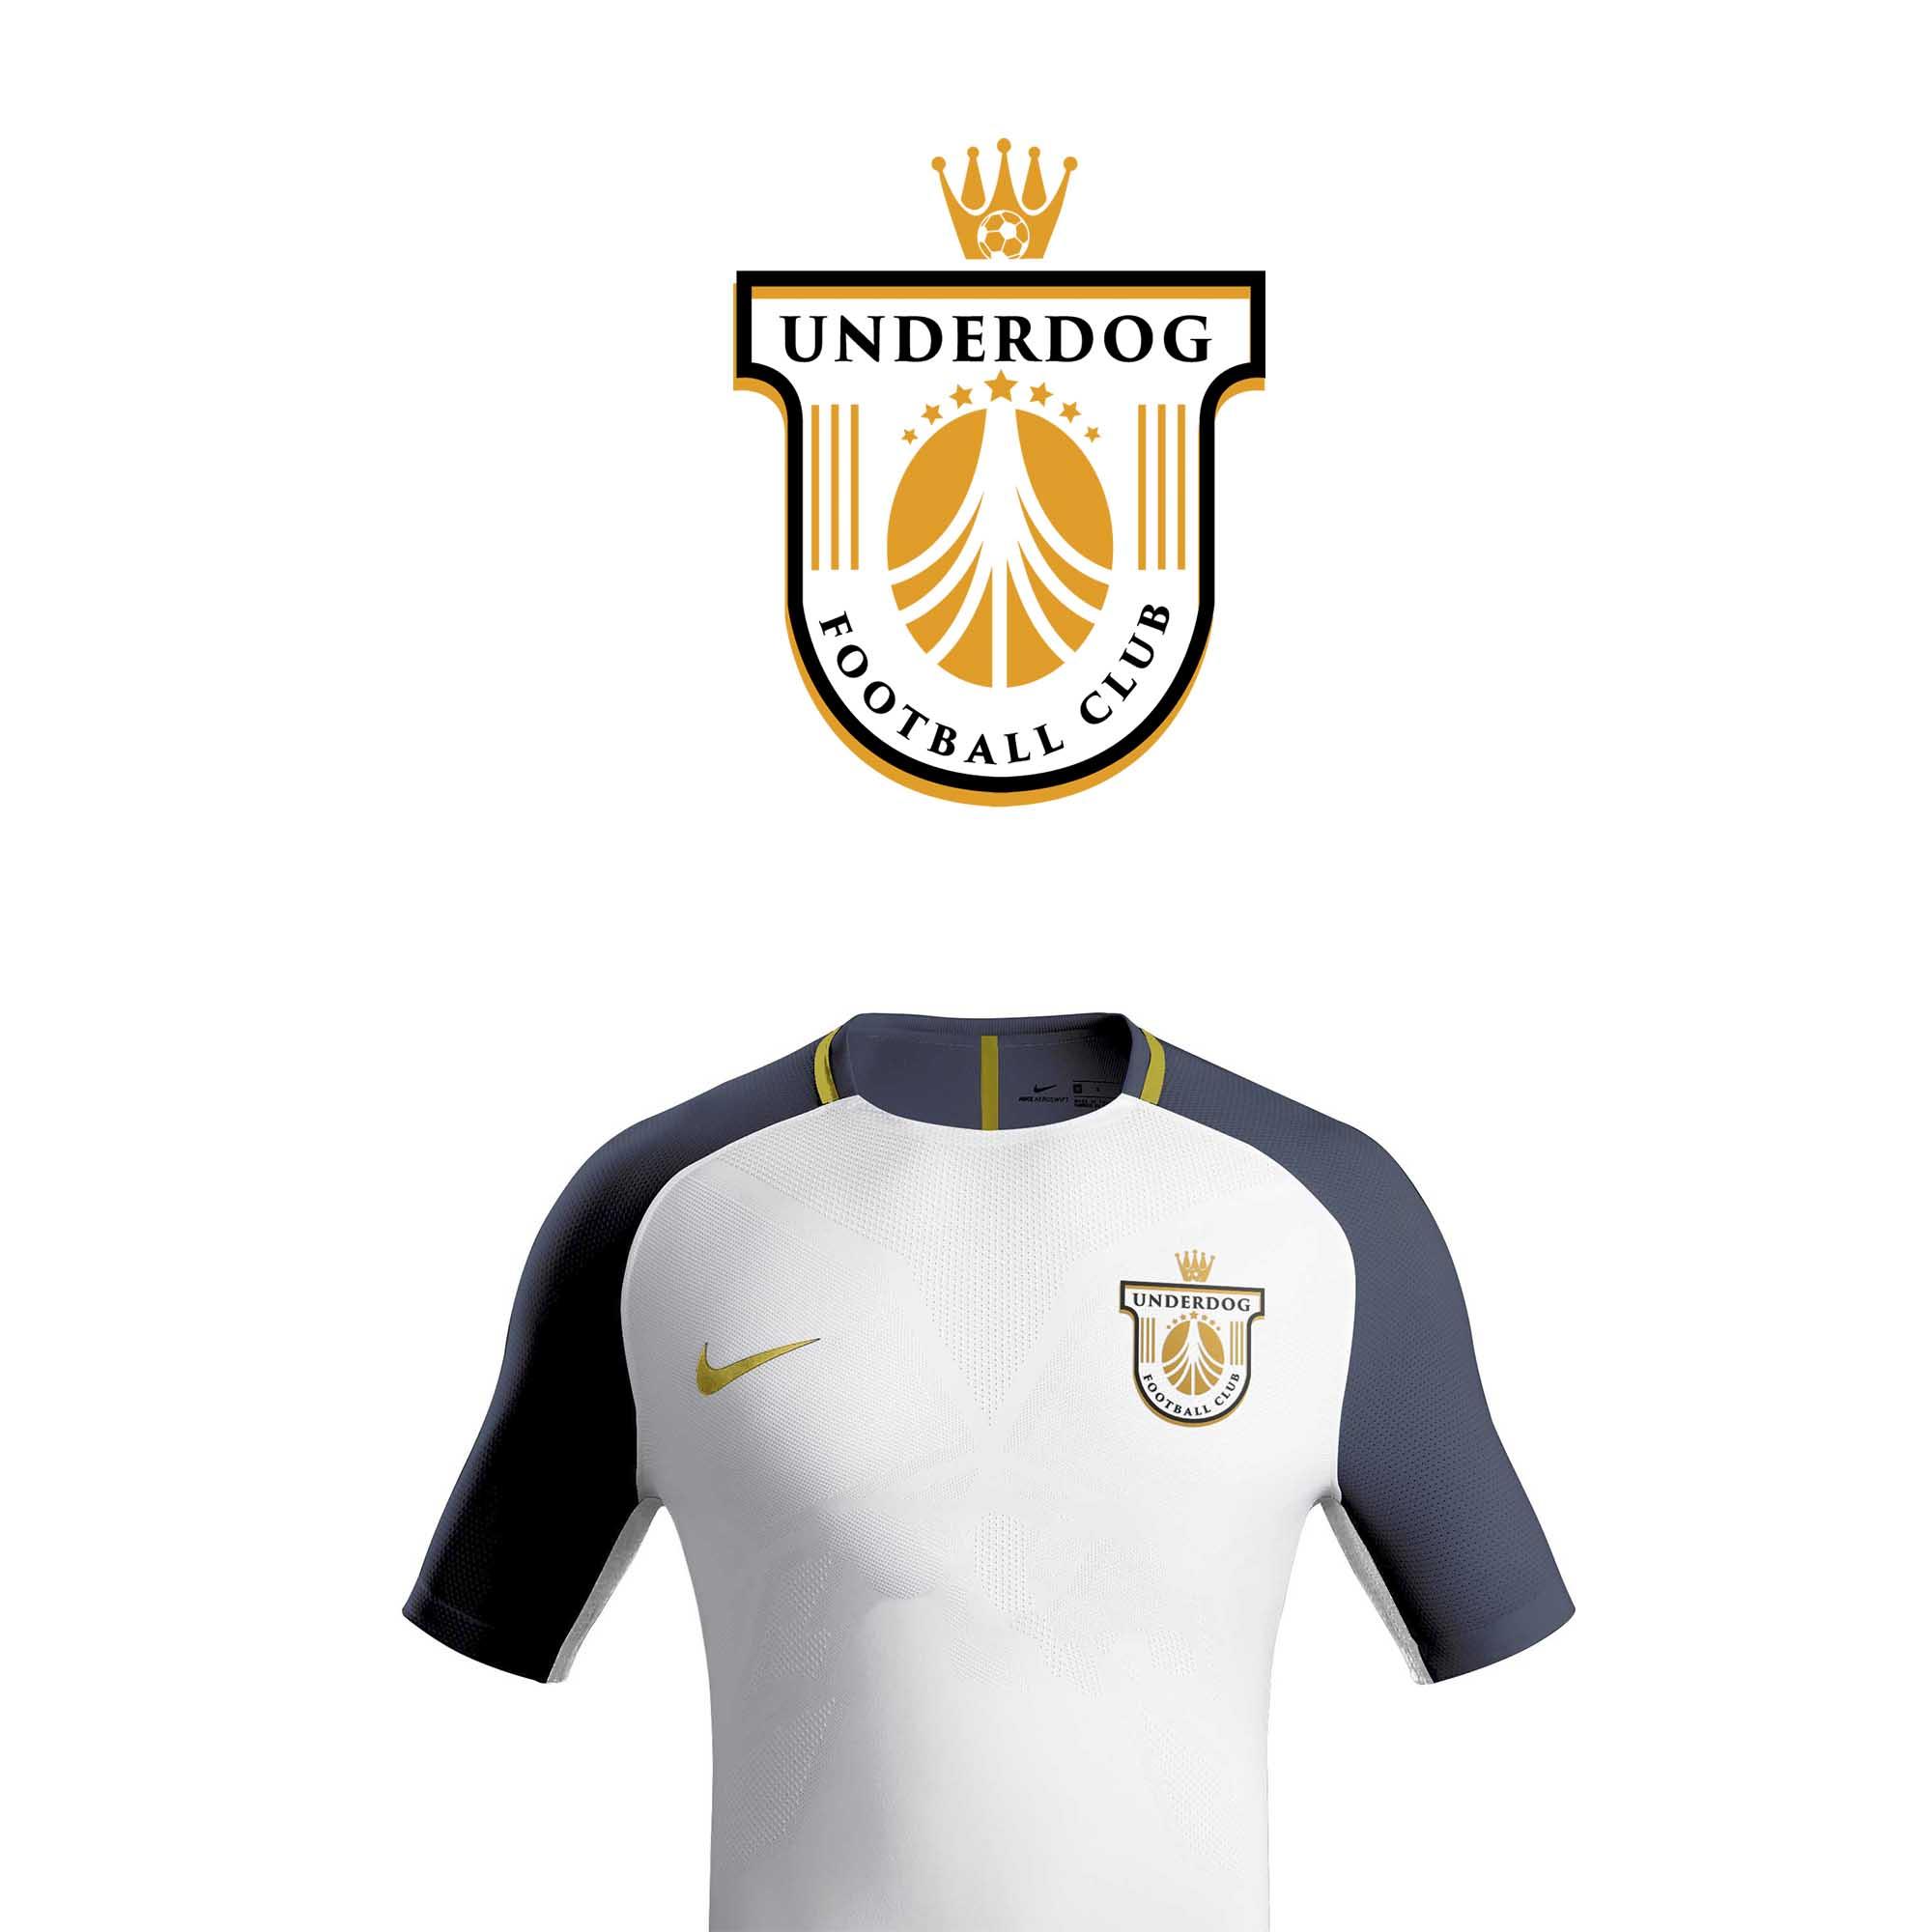 Футбольный клуб UNDERDOG - разработать фирстиль и бренд-бук фото f_5245cb47399640e6.jpg